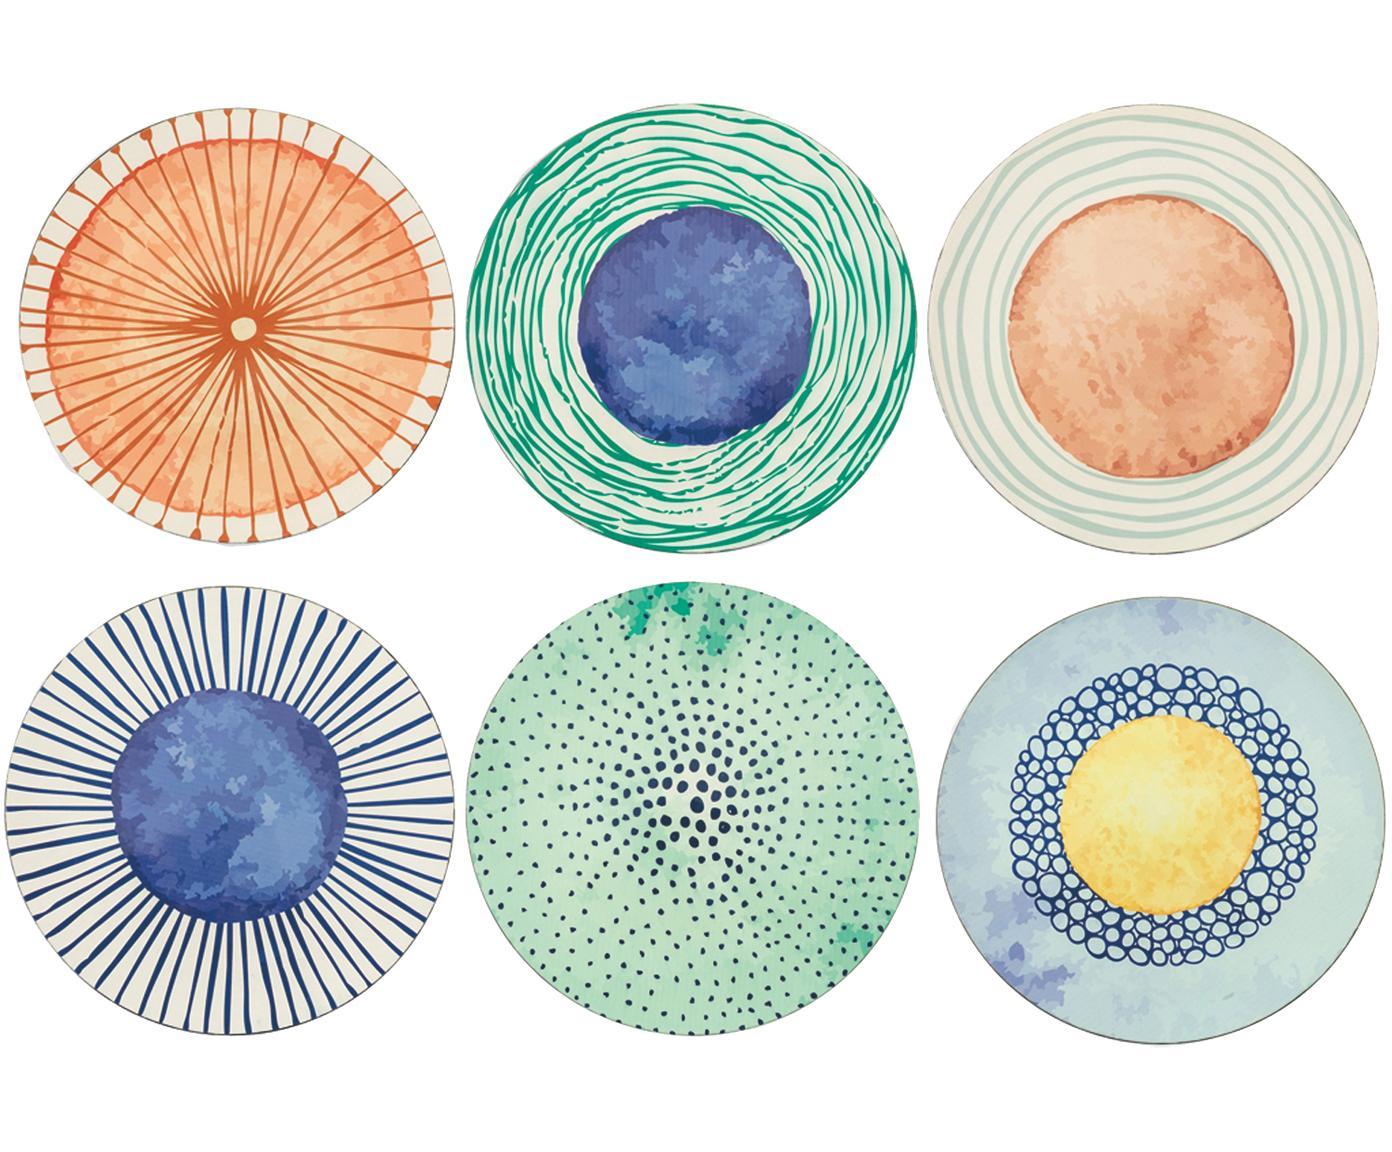 Platzteller Marea mit bunten Designs, 6er-Set, Kunststoff, Blau, Weiß, Gelb, Grün, Orange, Ø 33 cm